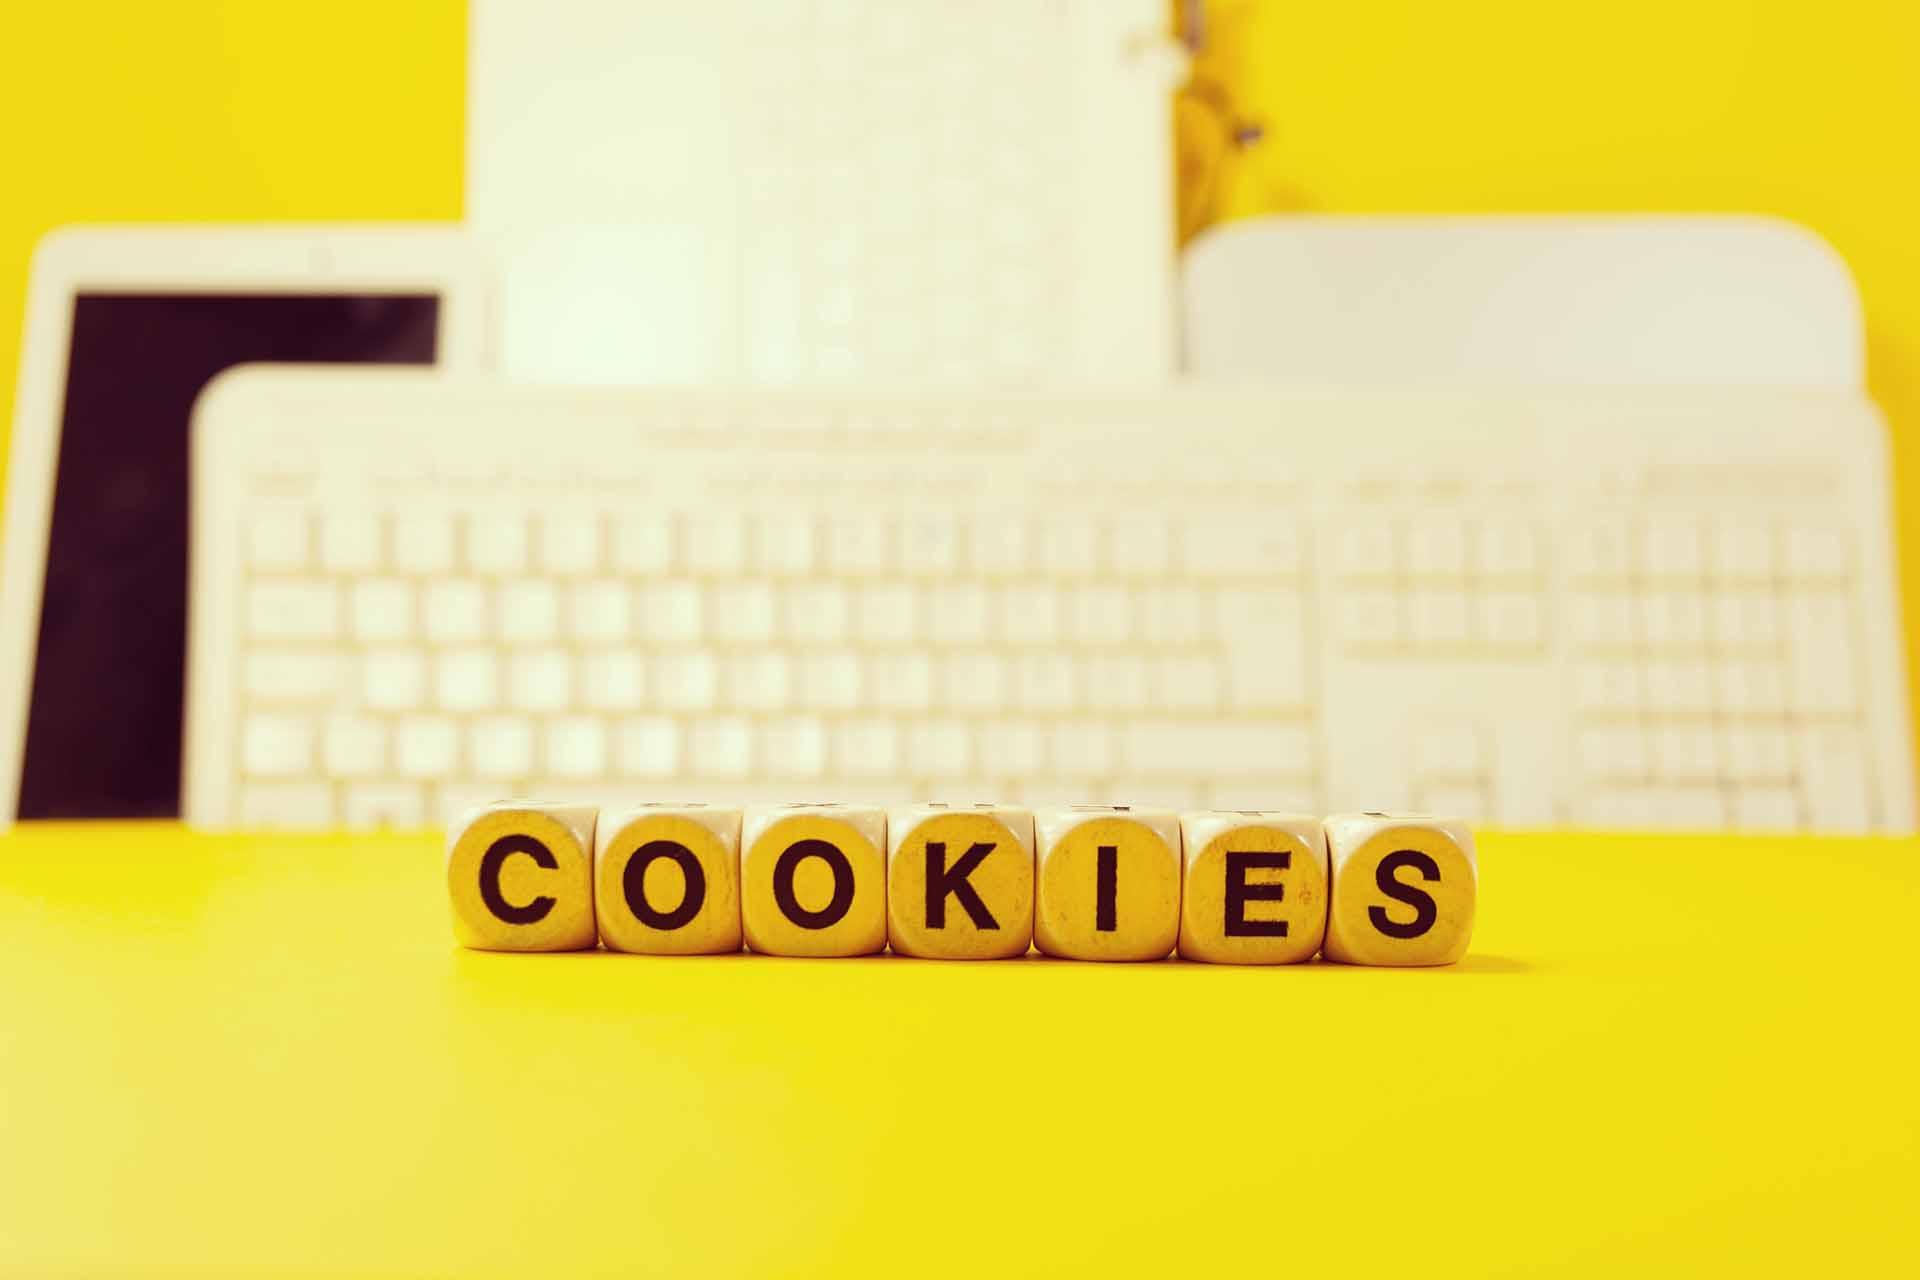 El fin de las cookies en internet: ¿cómo afecta a tu privacidad?